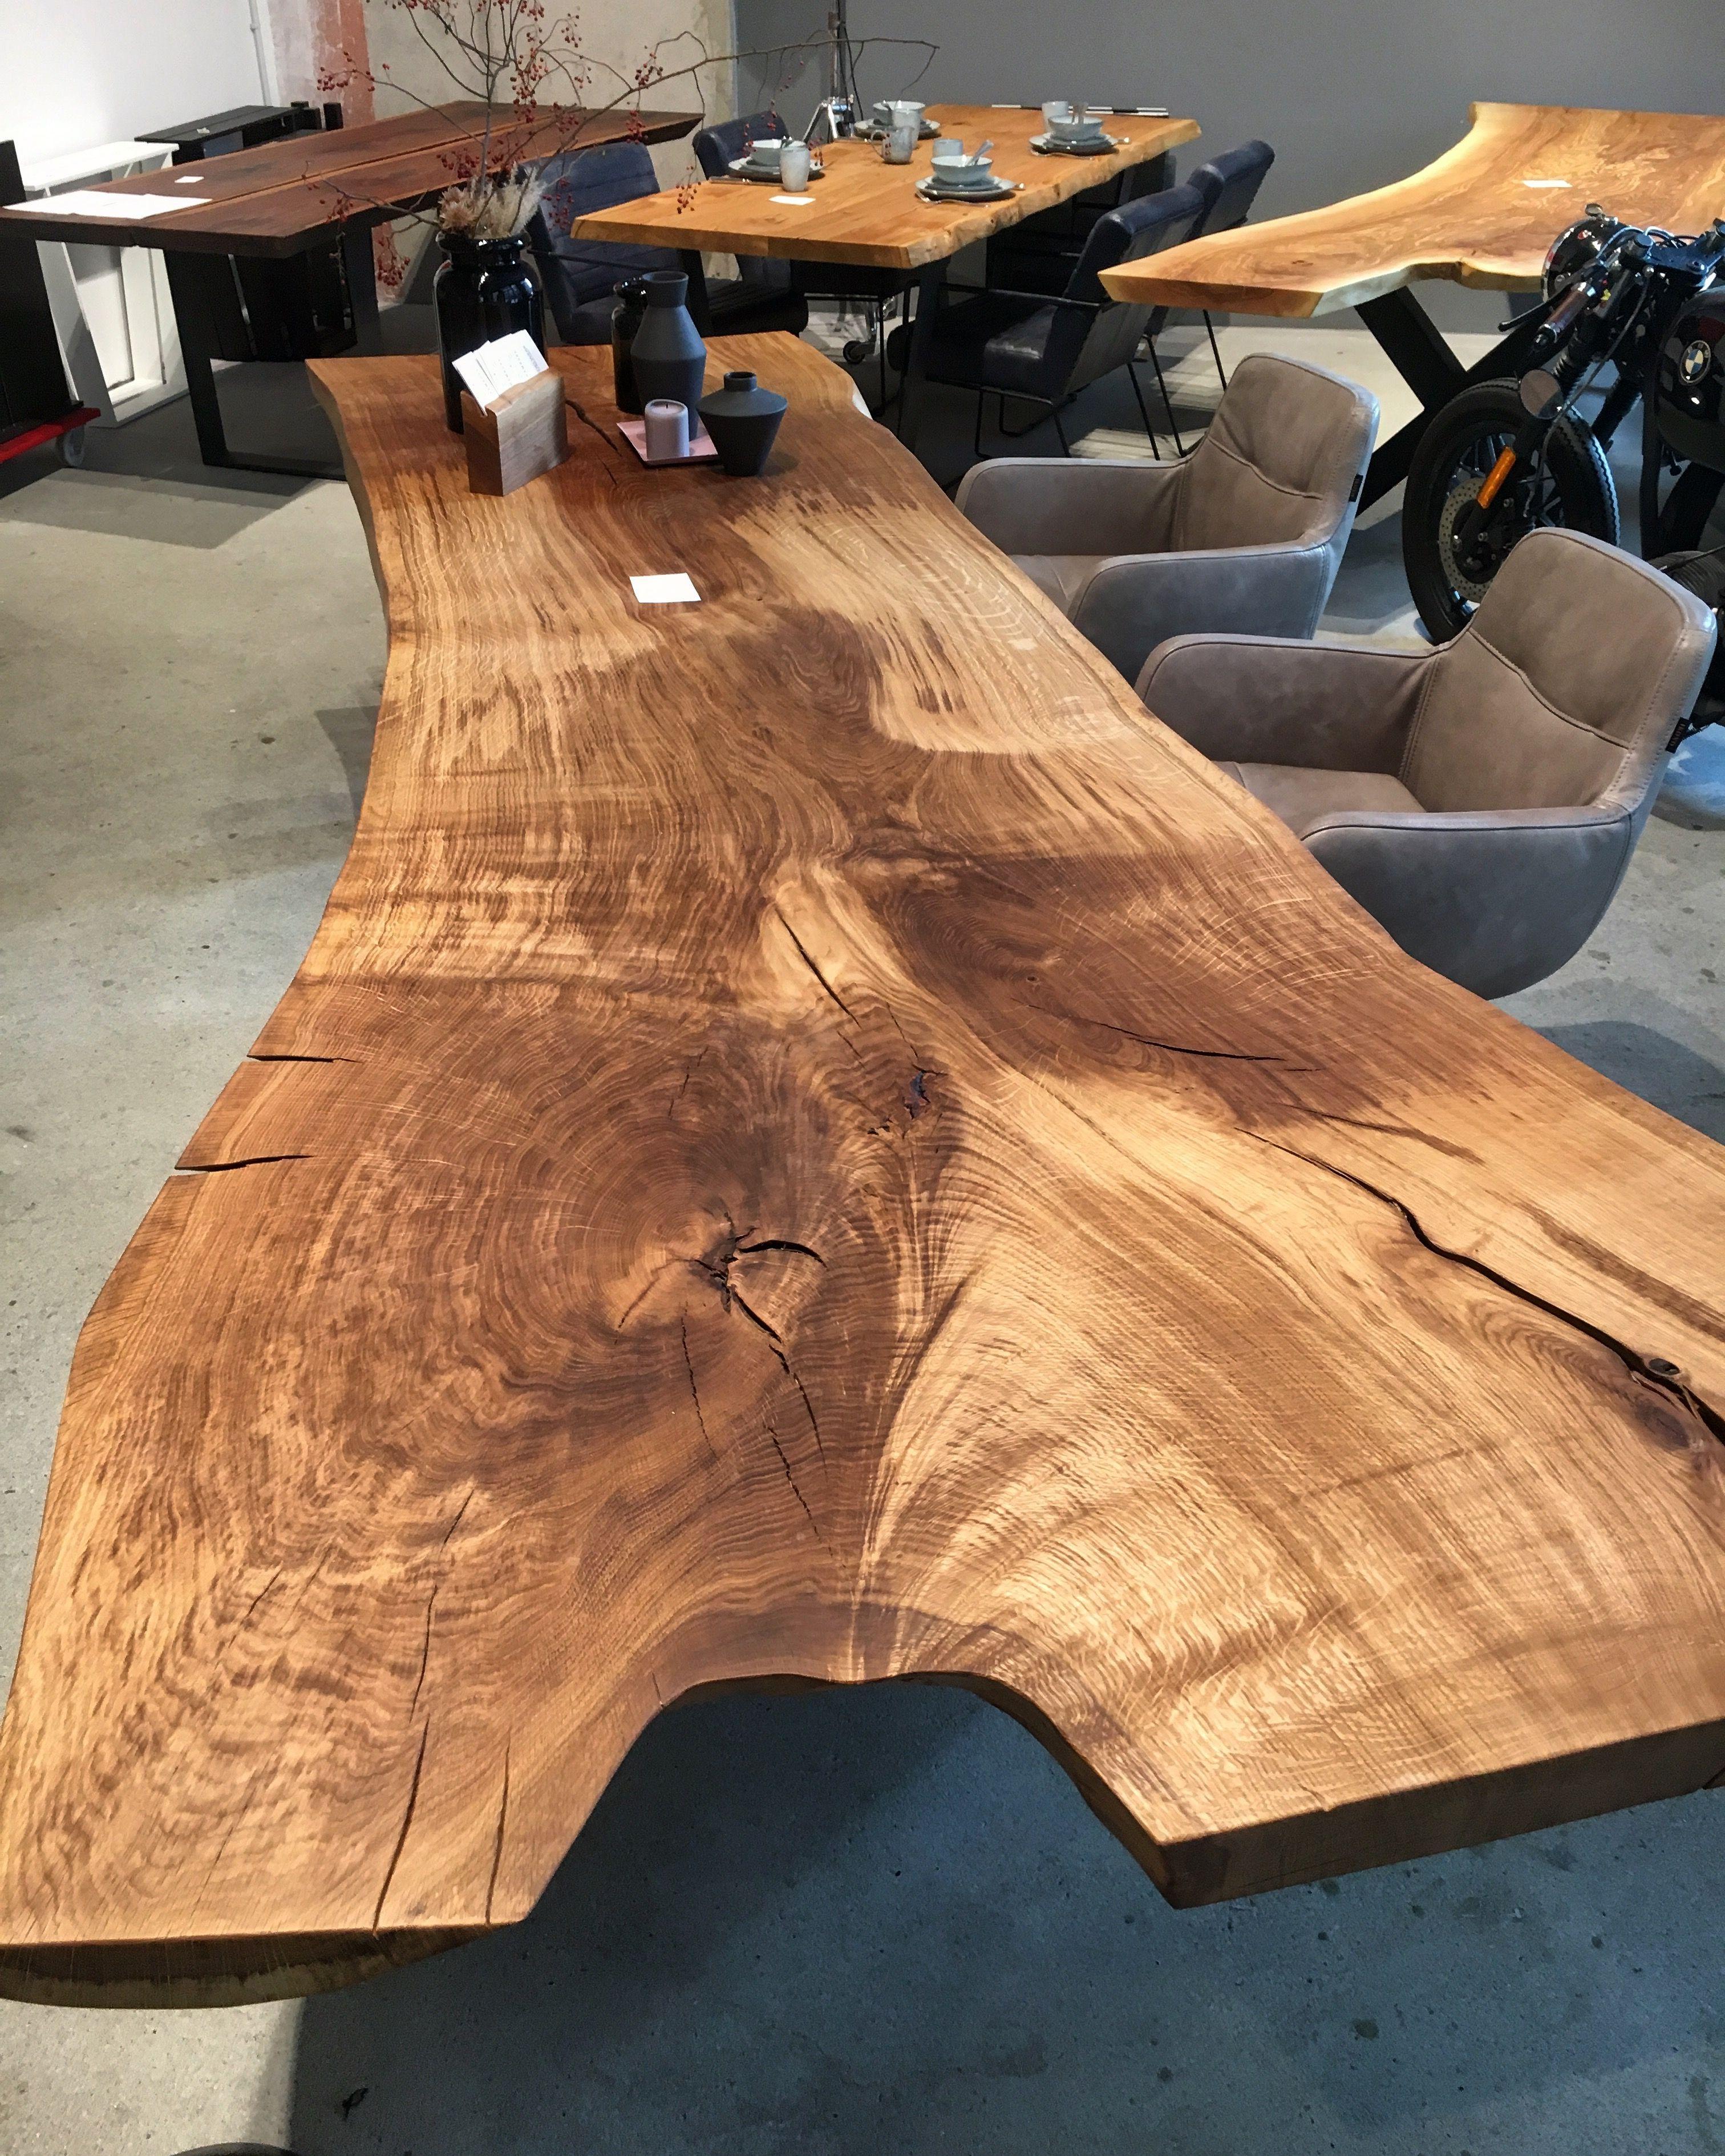 Massivholztisch Aus Einem Stuck Baumtisch Stammtisch Esstisch Tisch Holztisch Table Baumplatte Tischplatte Holzwerk Hamburgde